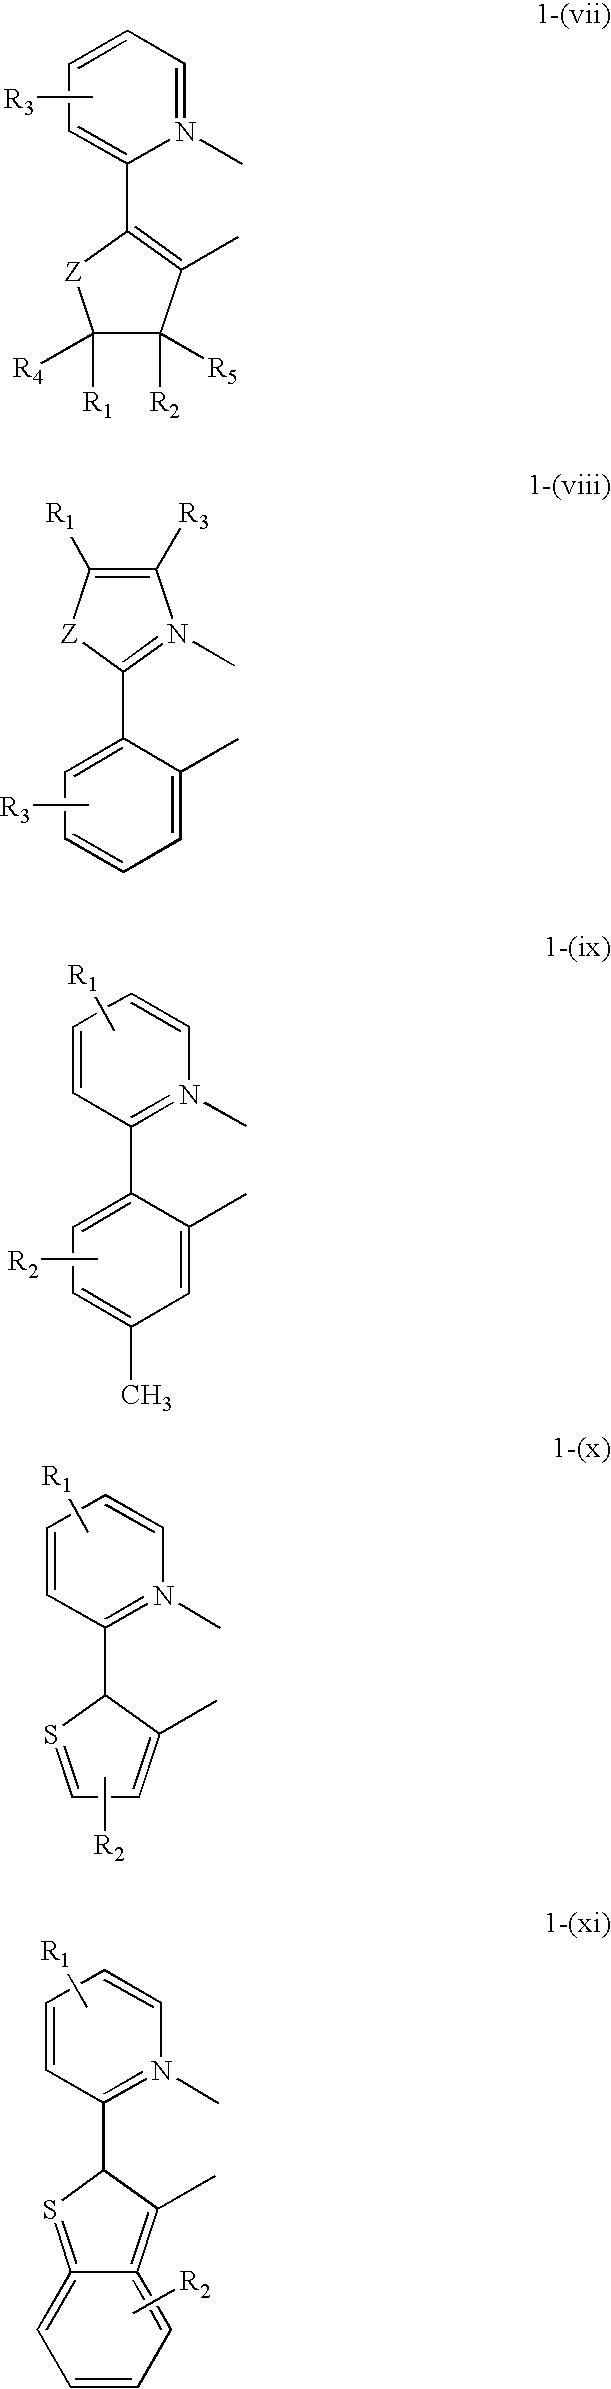 Figure US20060177695A1-20060810-C00006